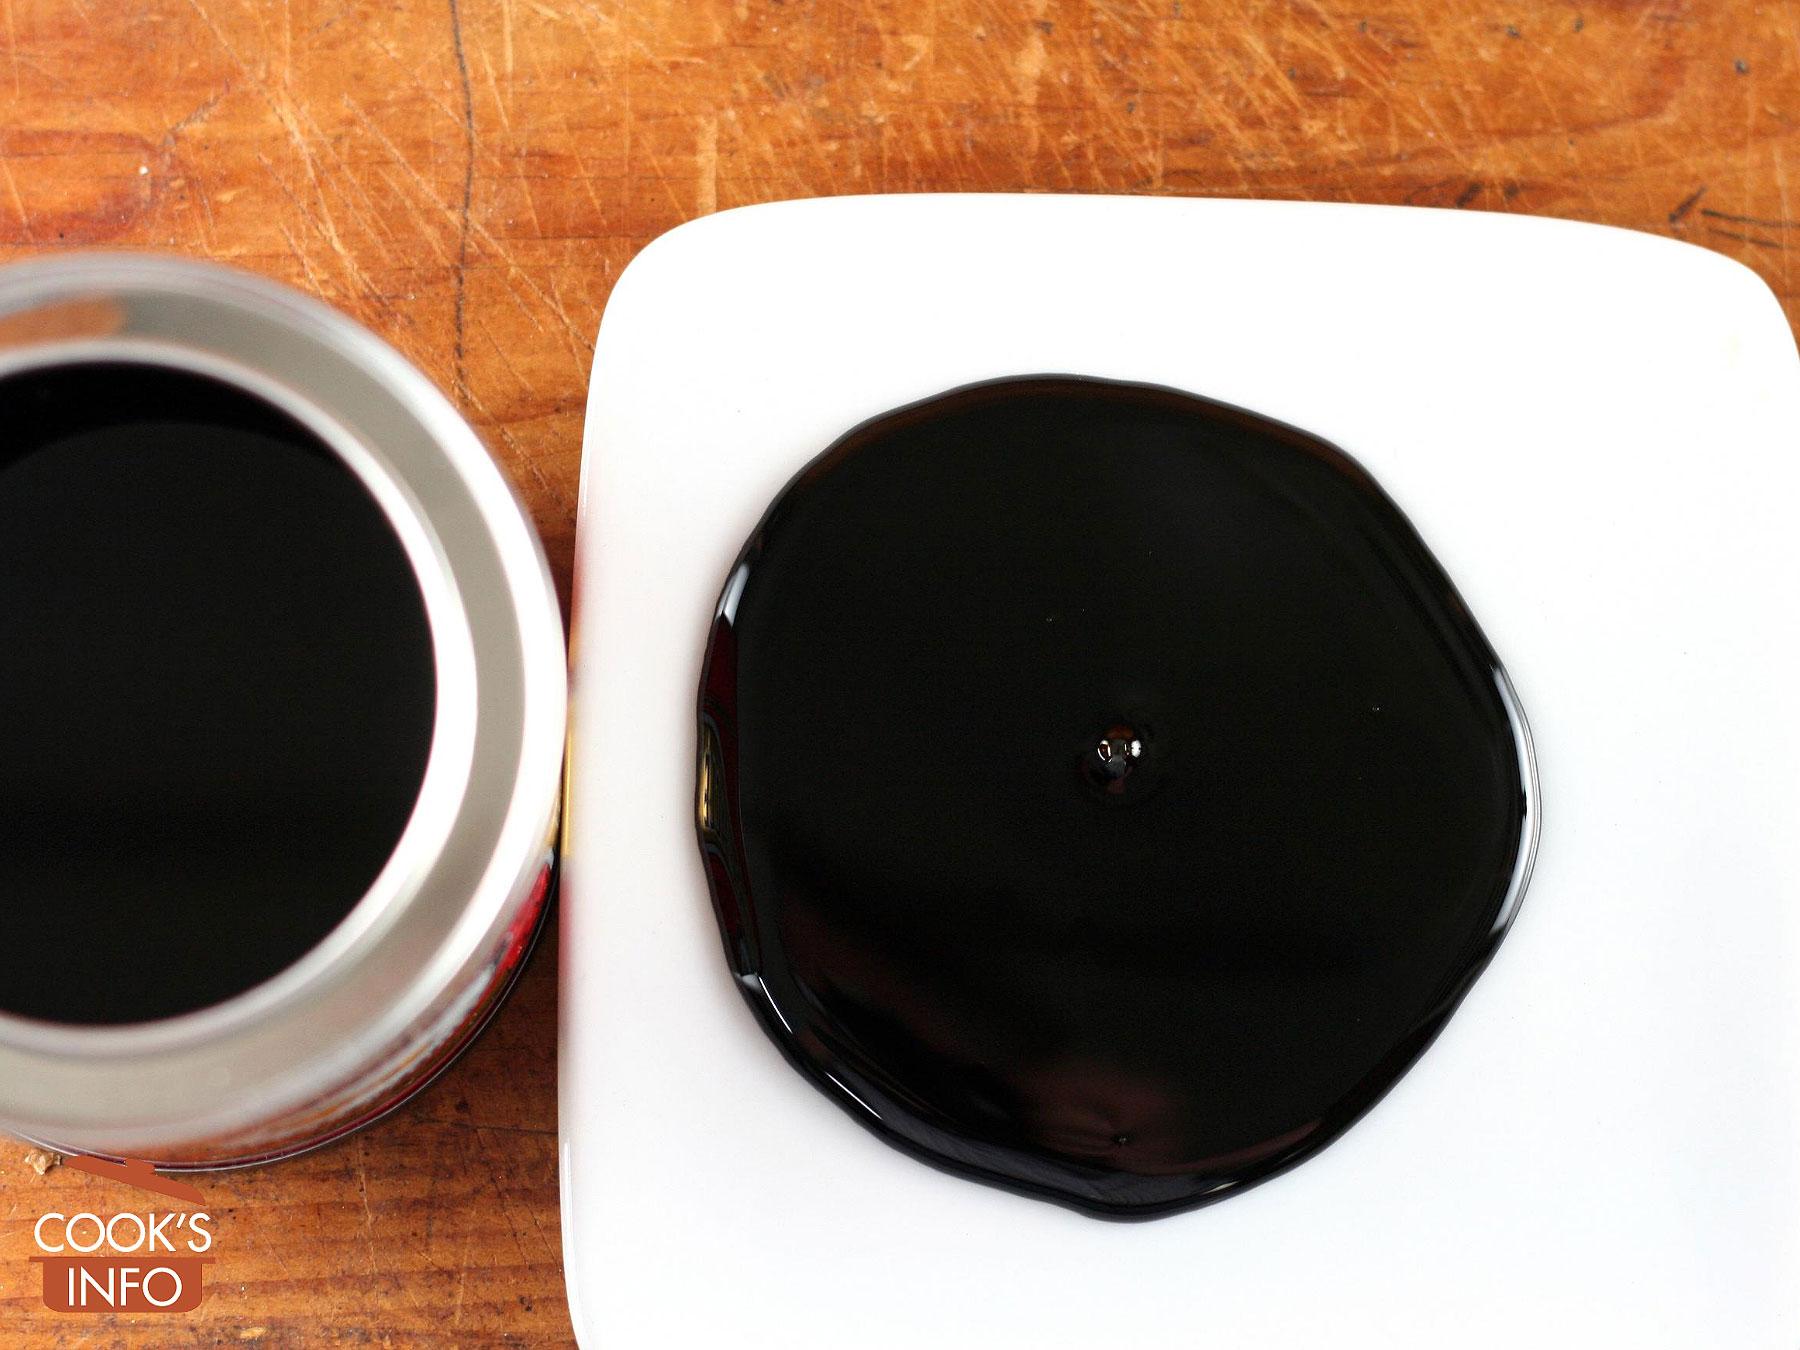 Black treacle on plate